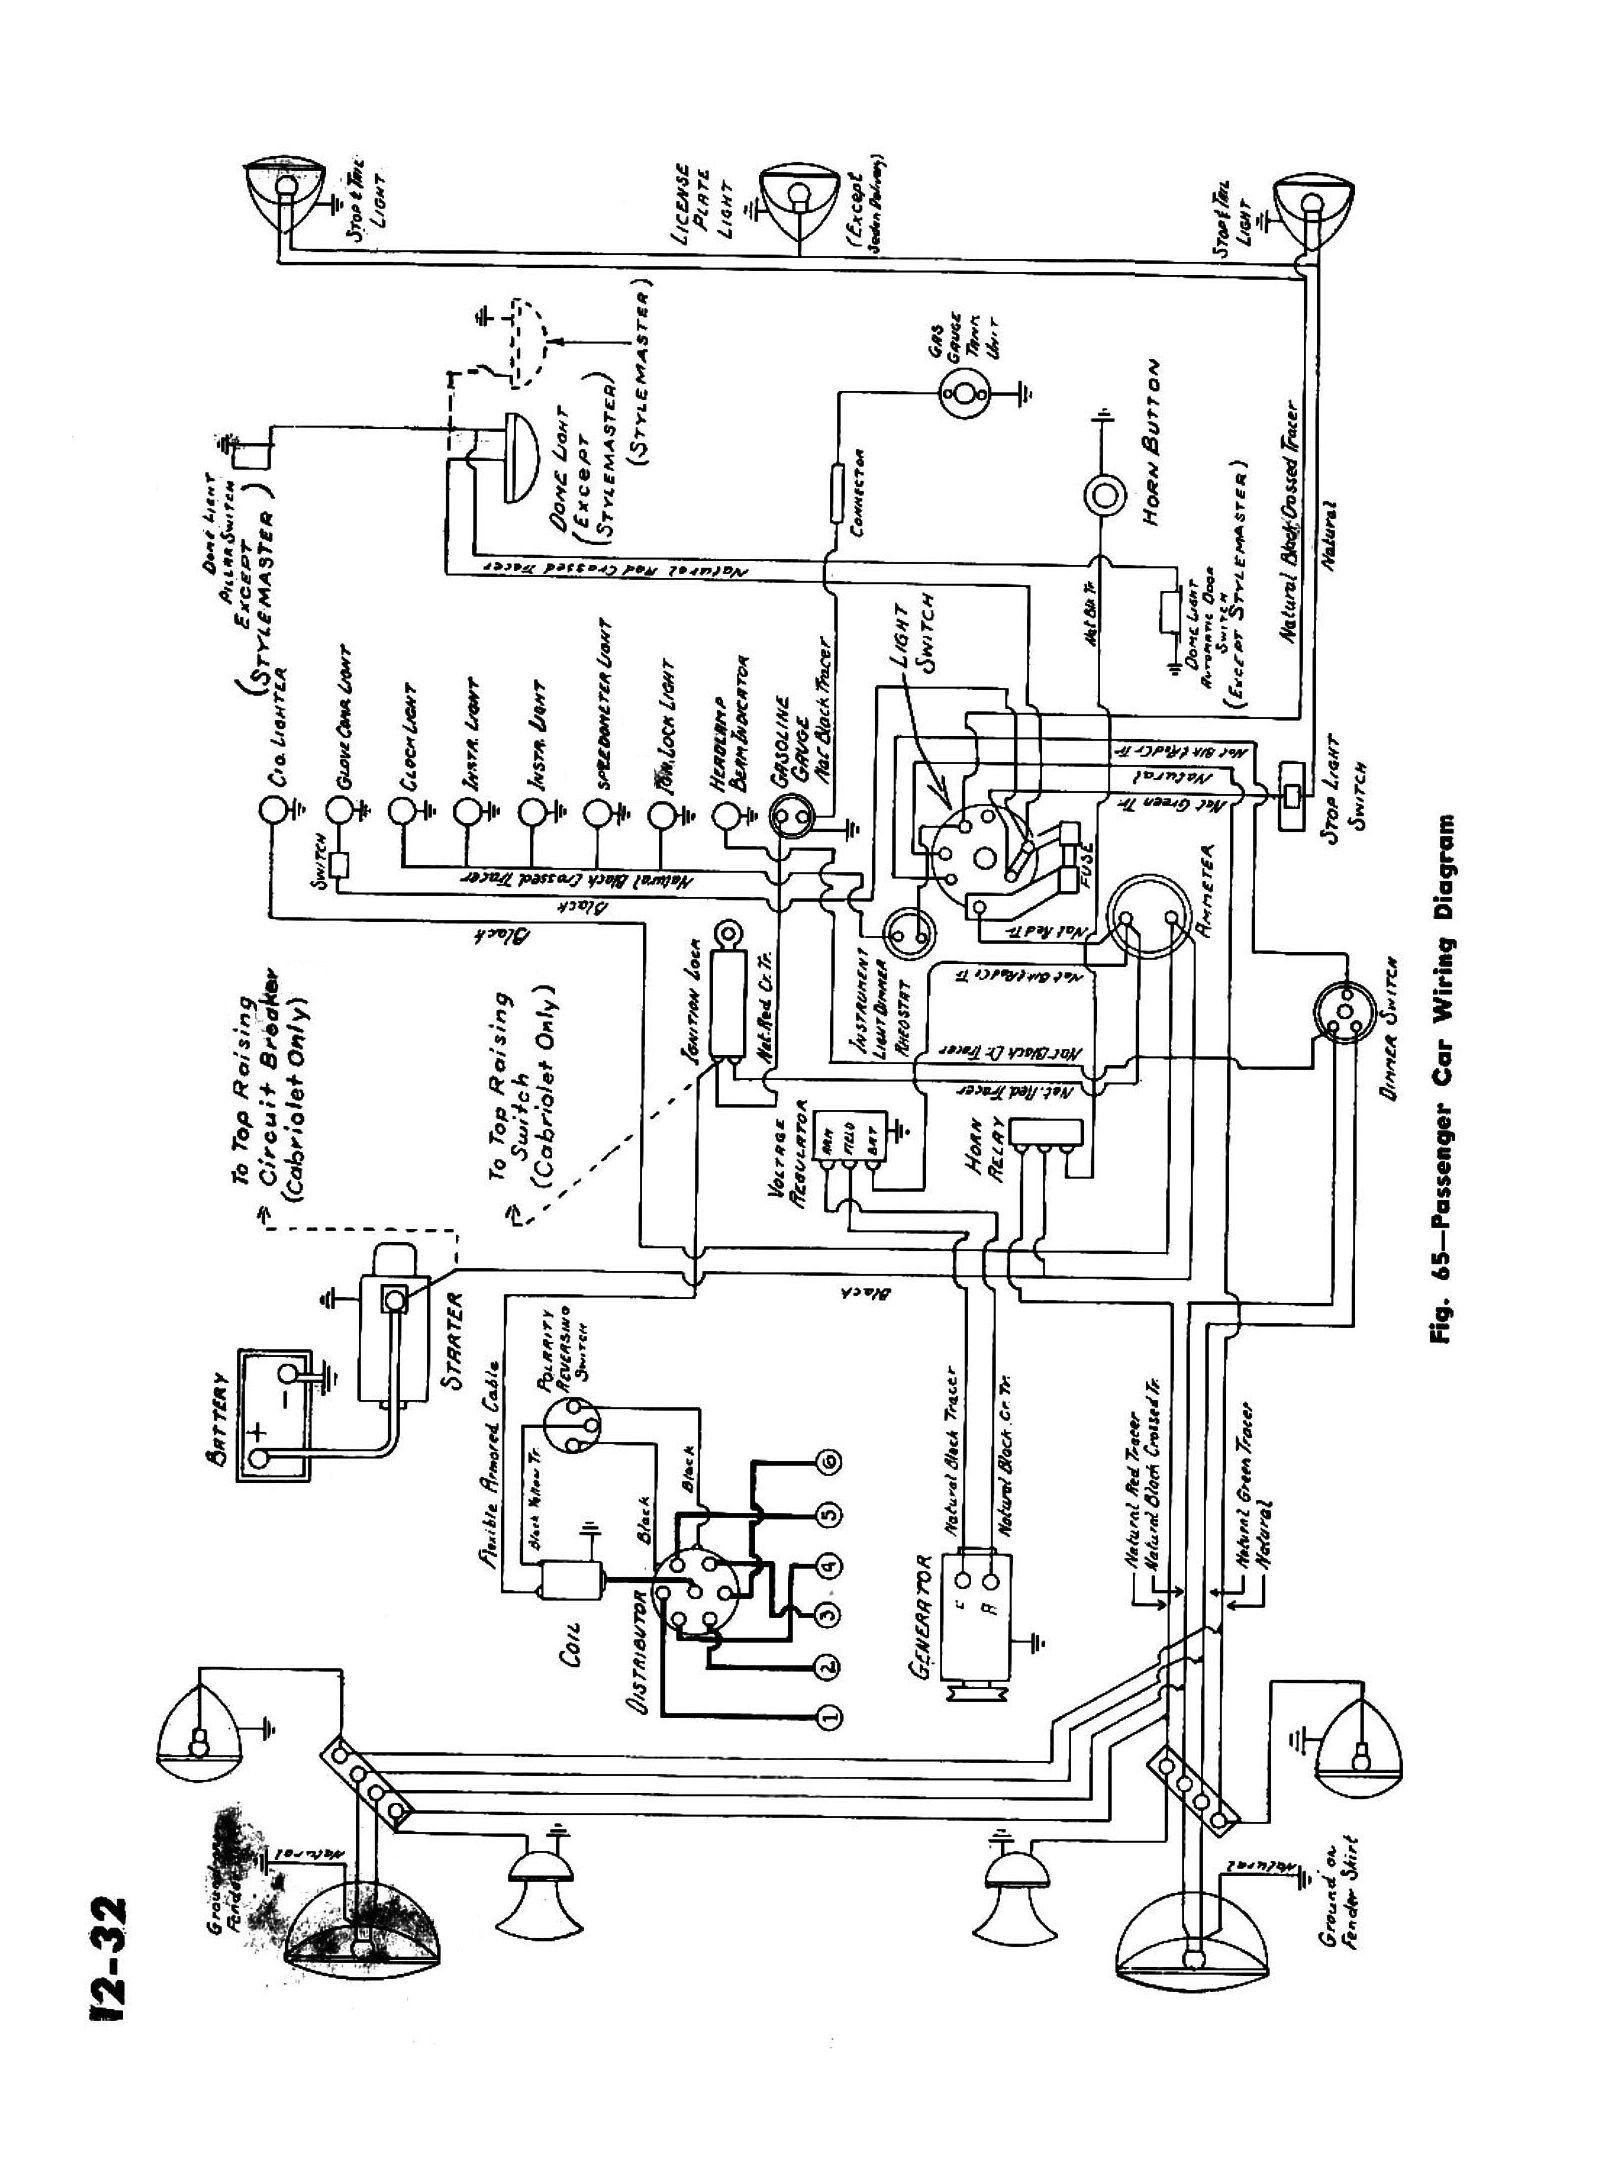 Unique Wiring Diagram For Automotive